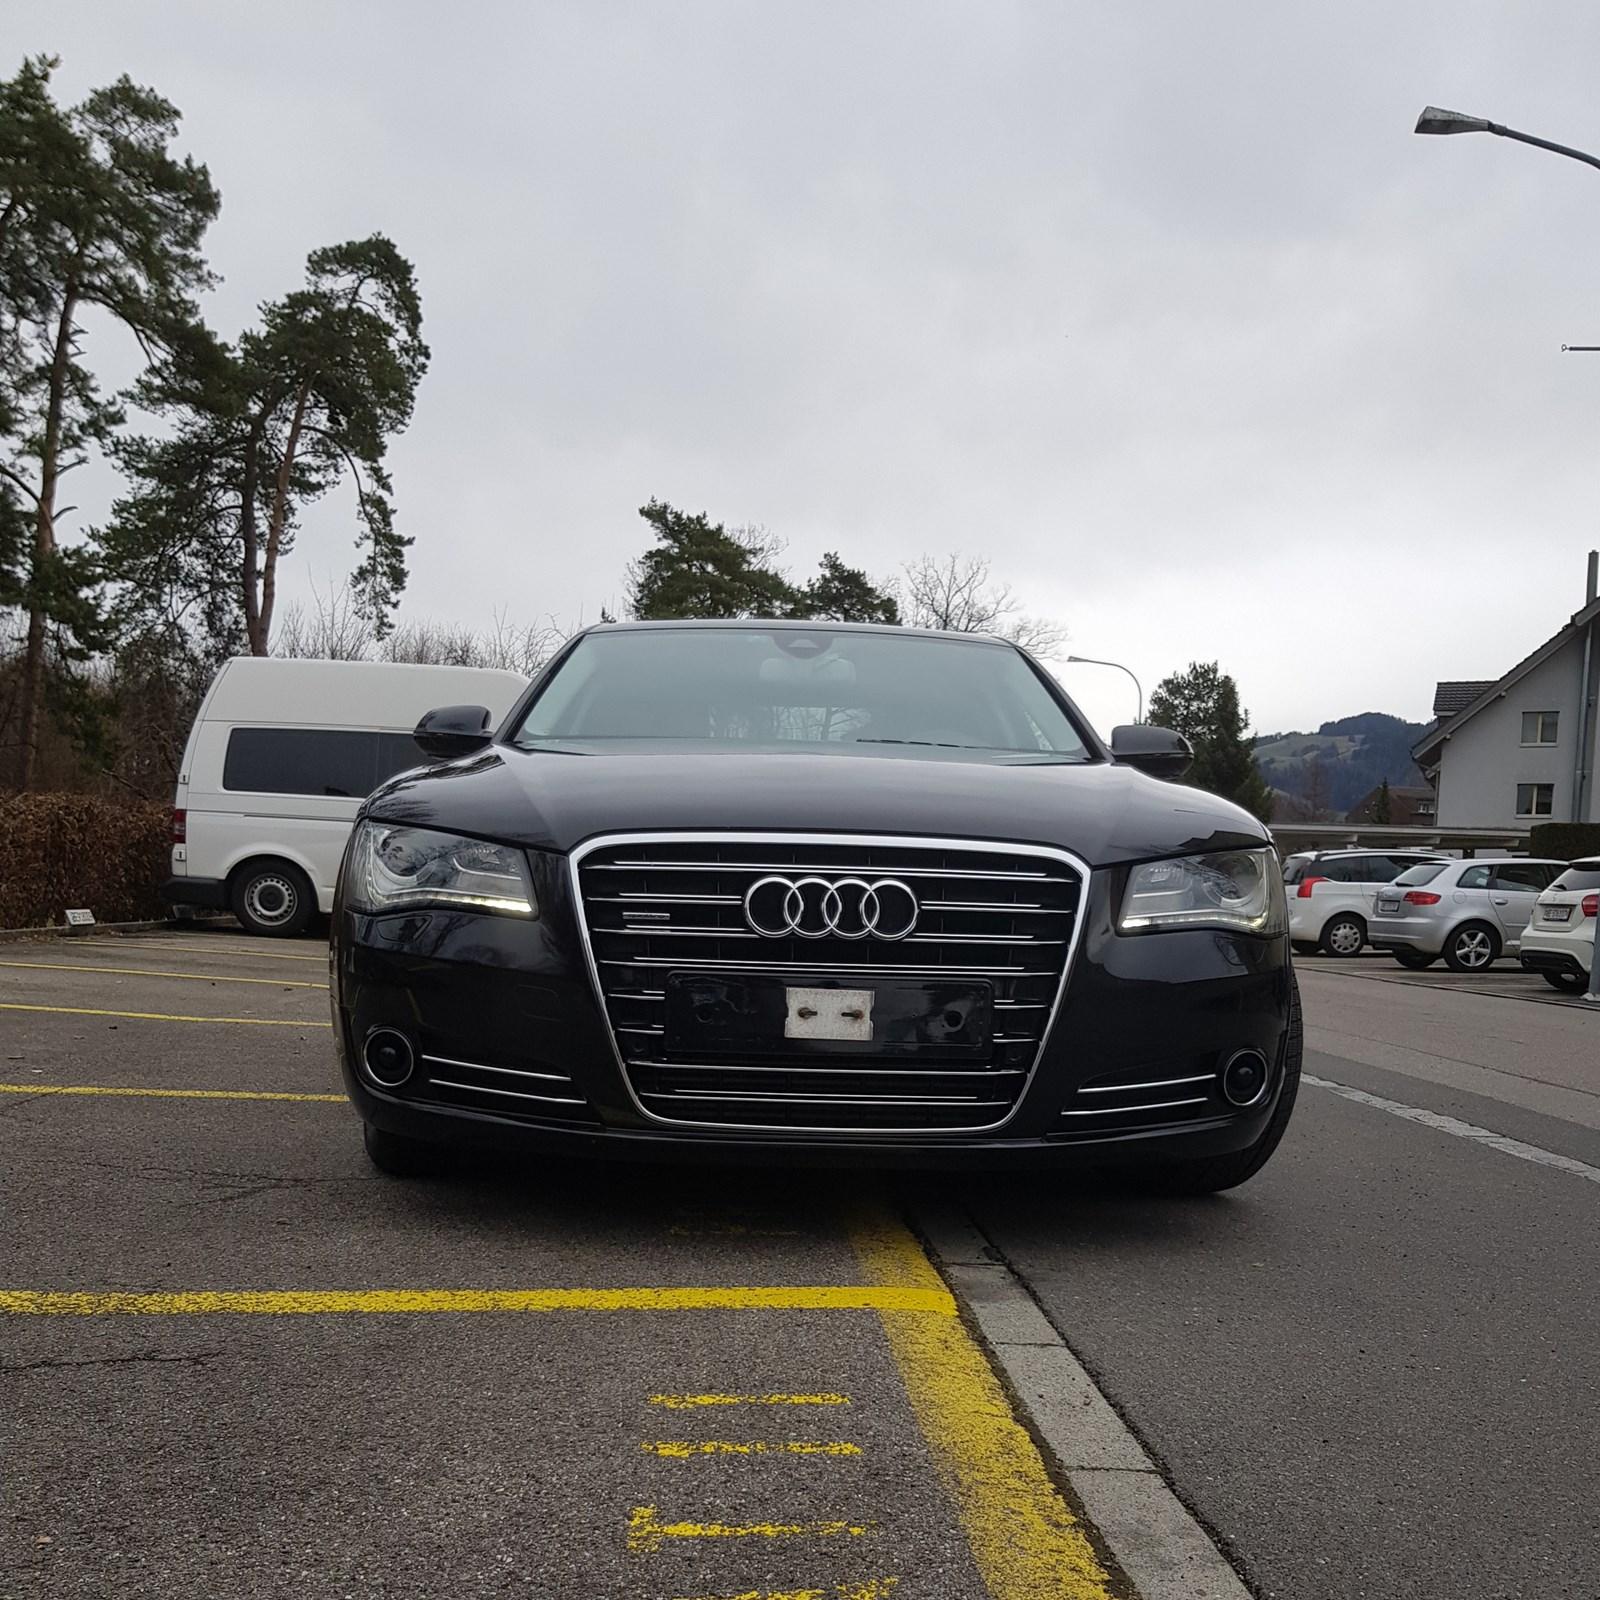 Audi A8 3.0 V6 TDI quat. T-Tronic LWB